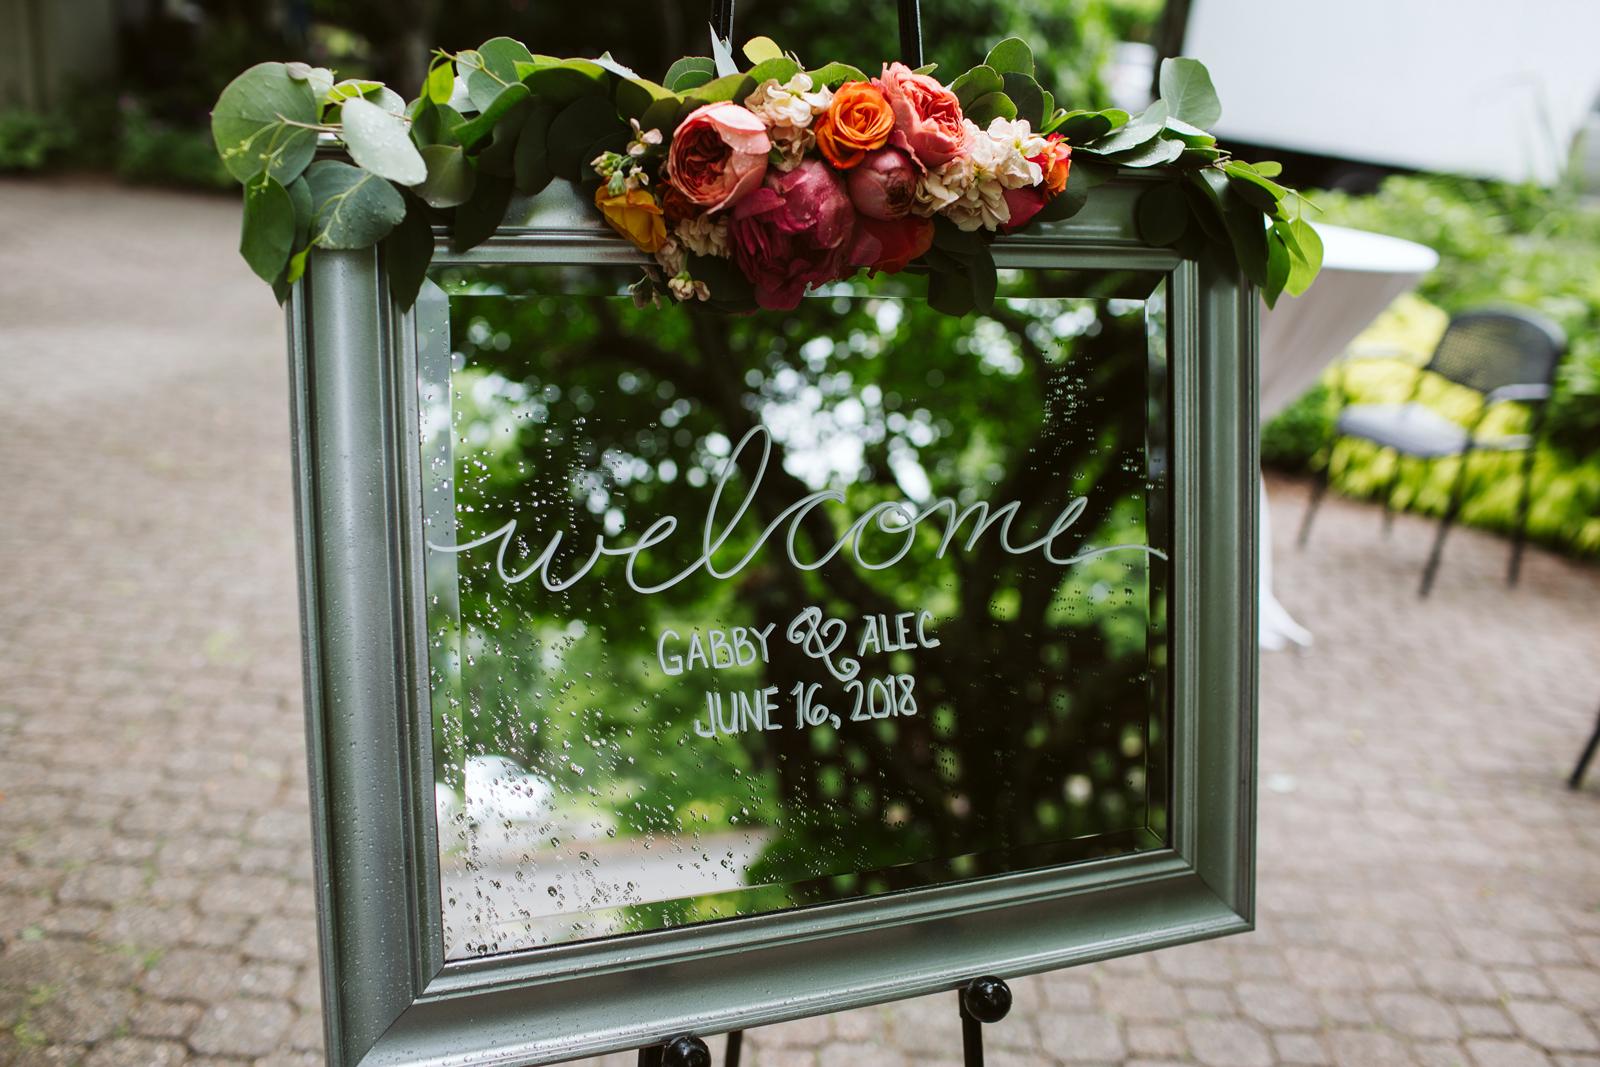 021-daronjackson-gabby-alec-wedding.jpg